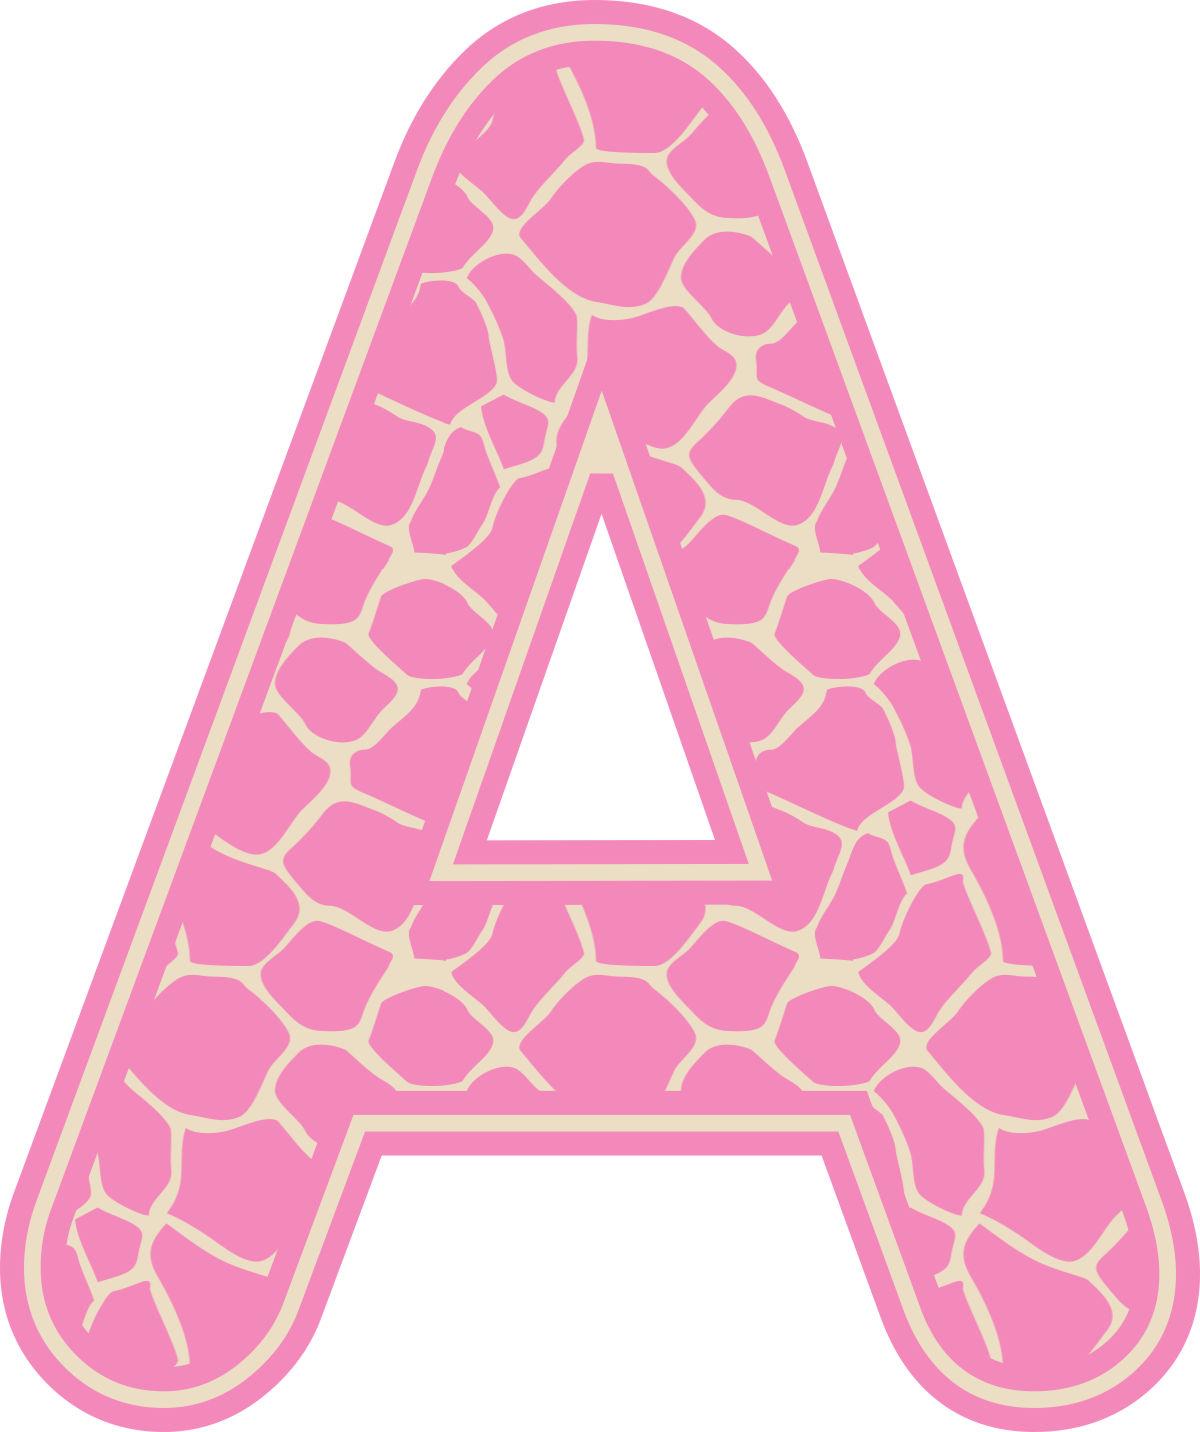 A&p Logos